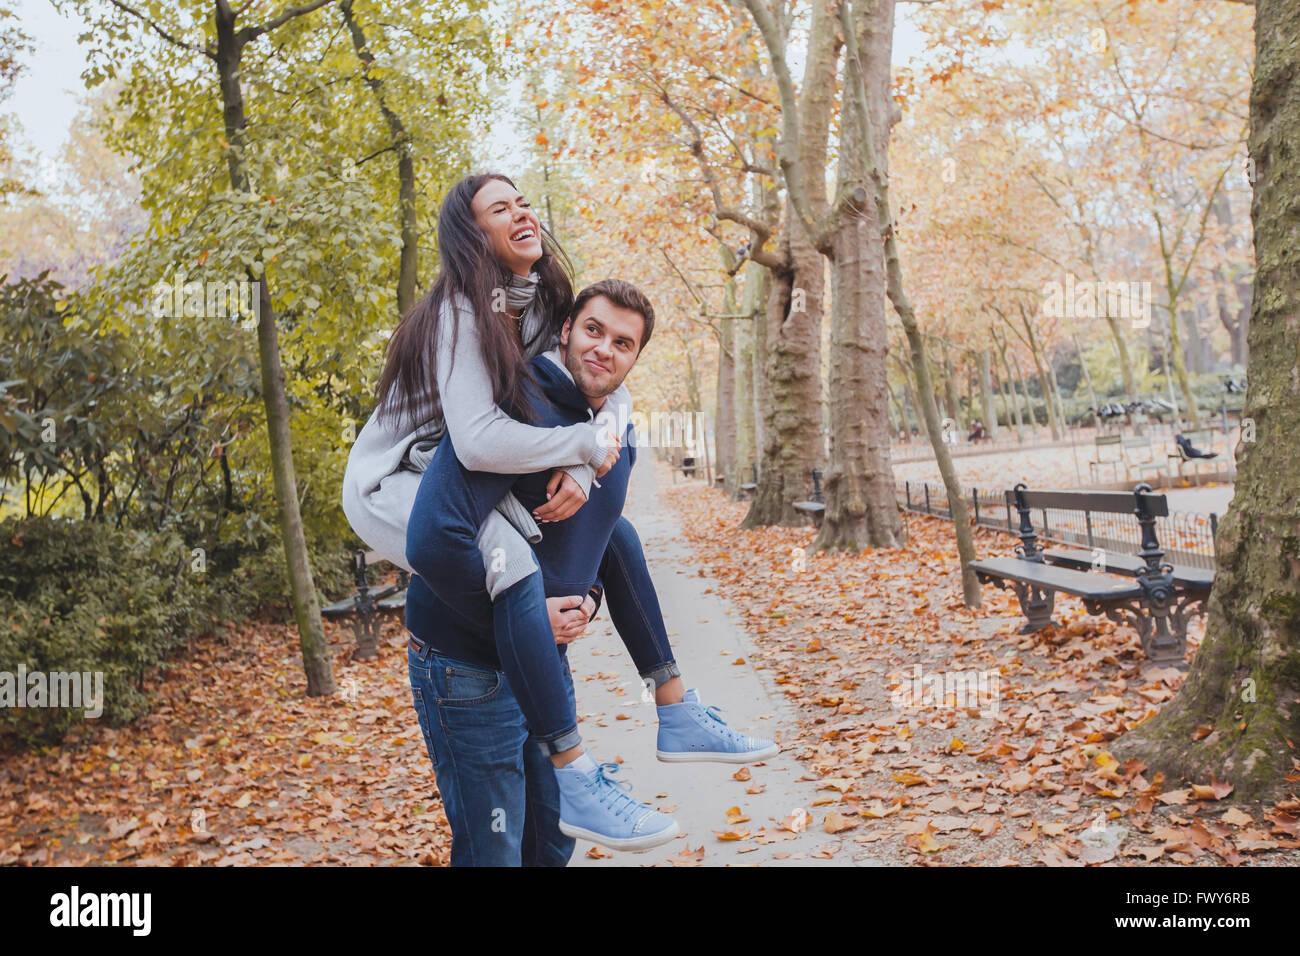 glückliche junge Paare, die Spaß im Herbst Park, Huckepack-kaukasische Familie, Mann und Frau, Stockbild